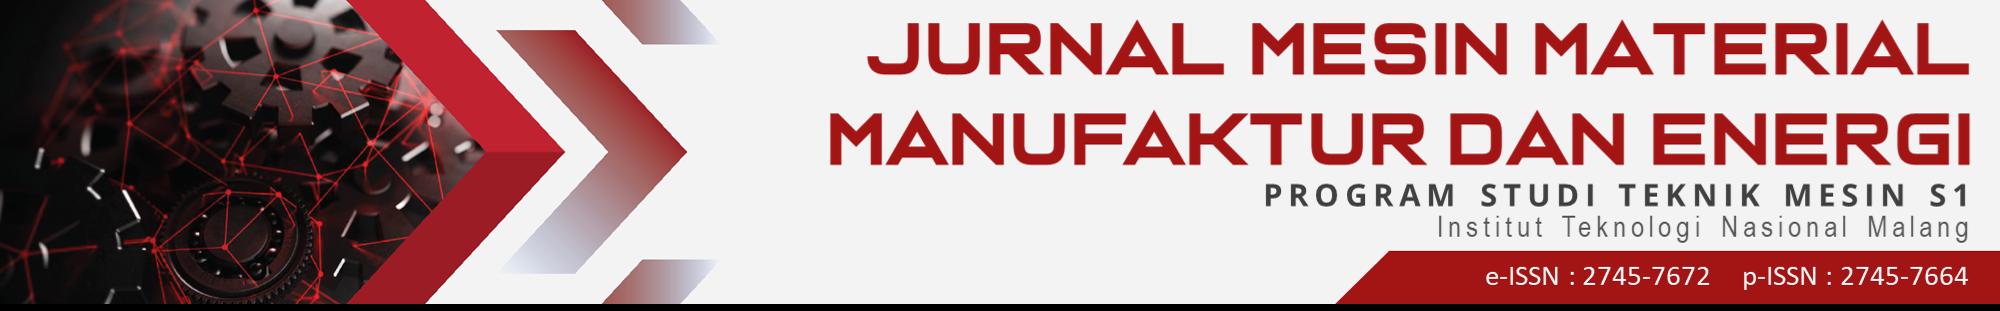 JURNAL PUBLIKASI ILMIAH MAHASISWA TEKNIK SIPIL S1 ITN MALANG